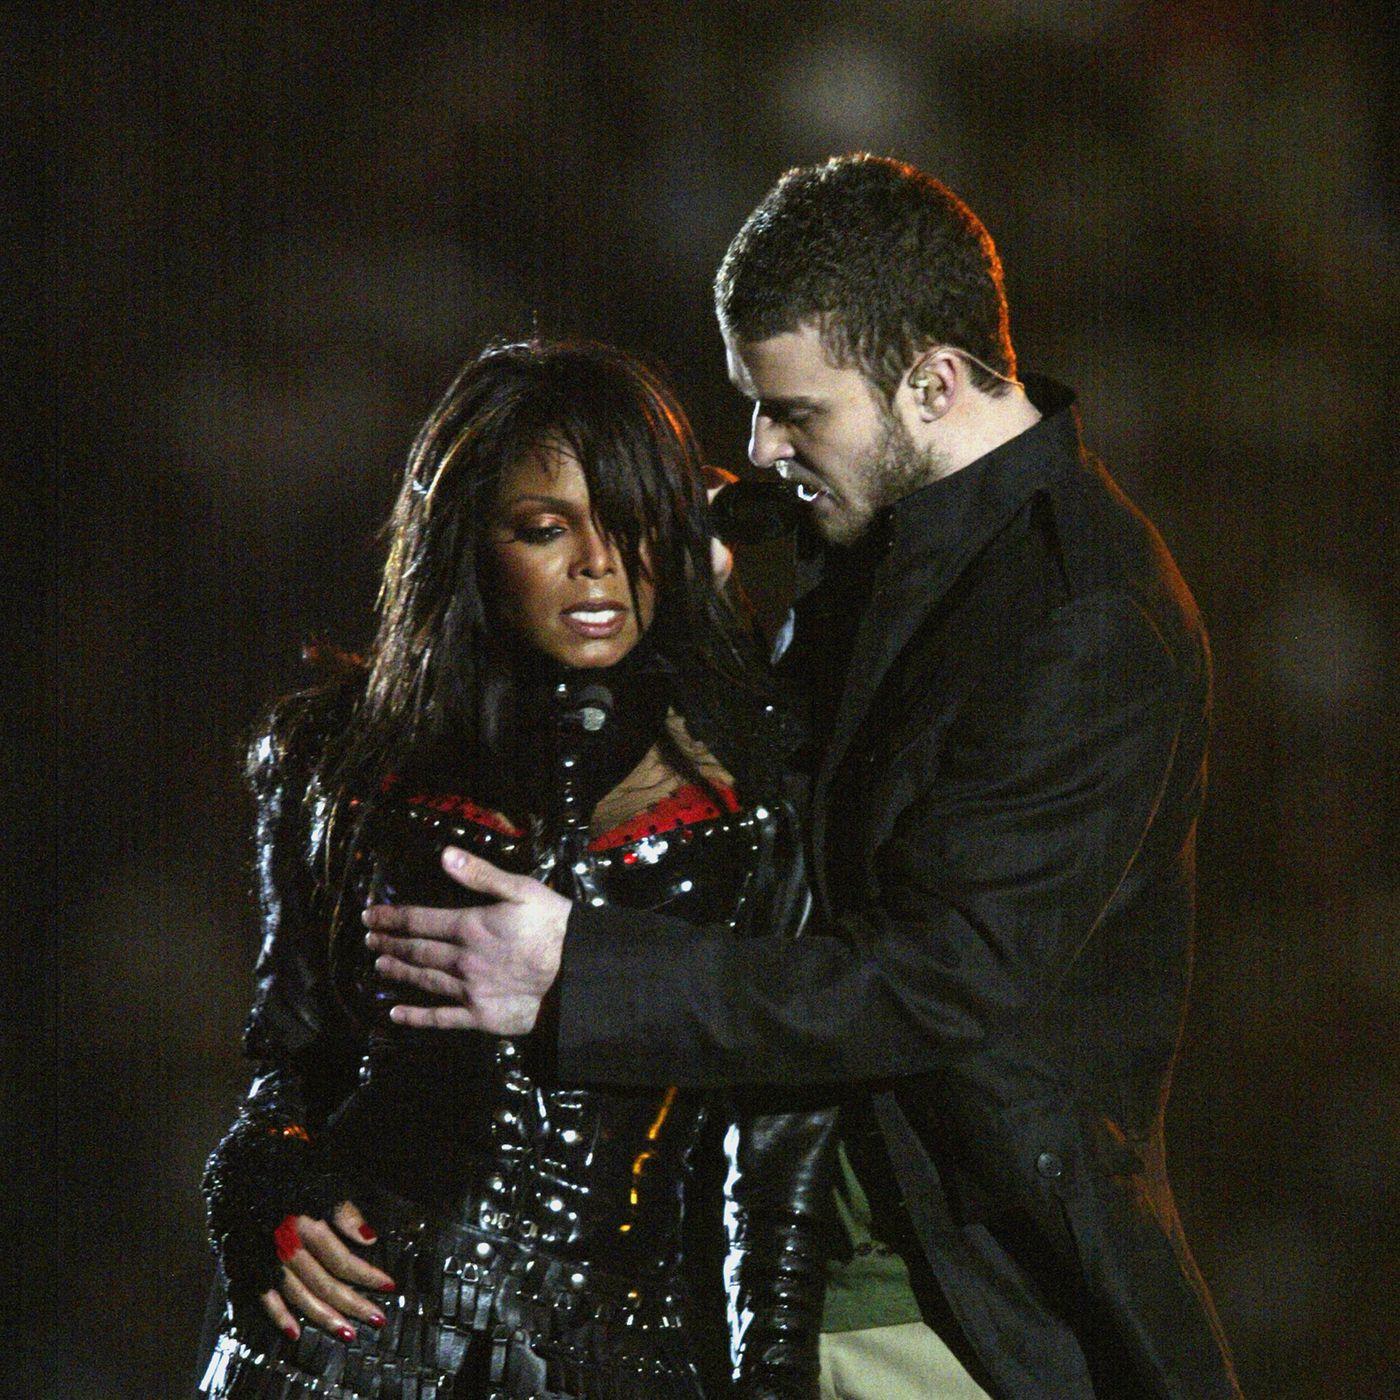 Un nuevo documental analizará el incidente entre Janet Jackson y Justin Timberlake en el Super Bowl de 2004